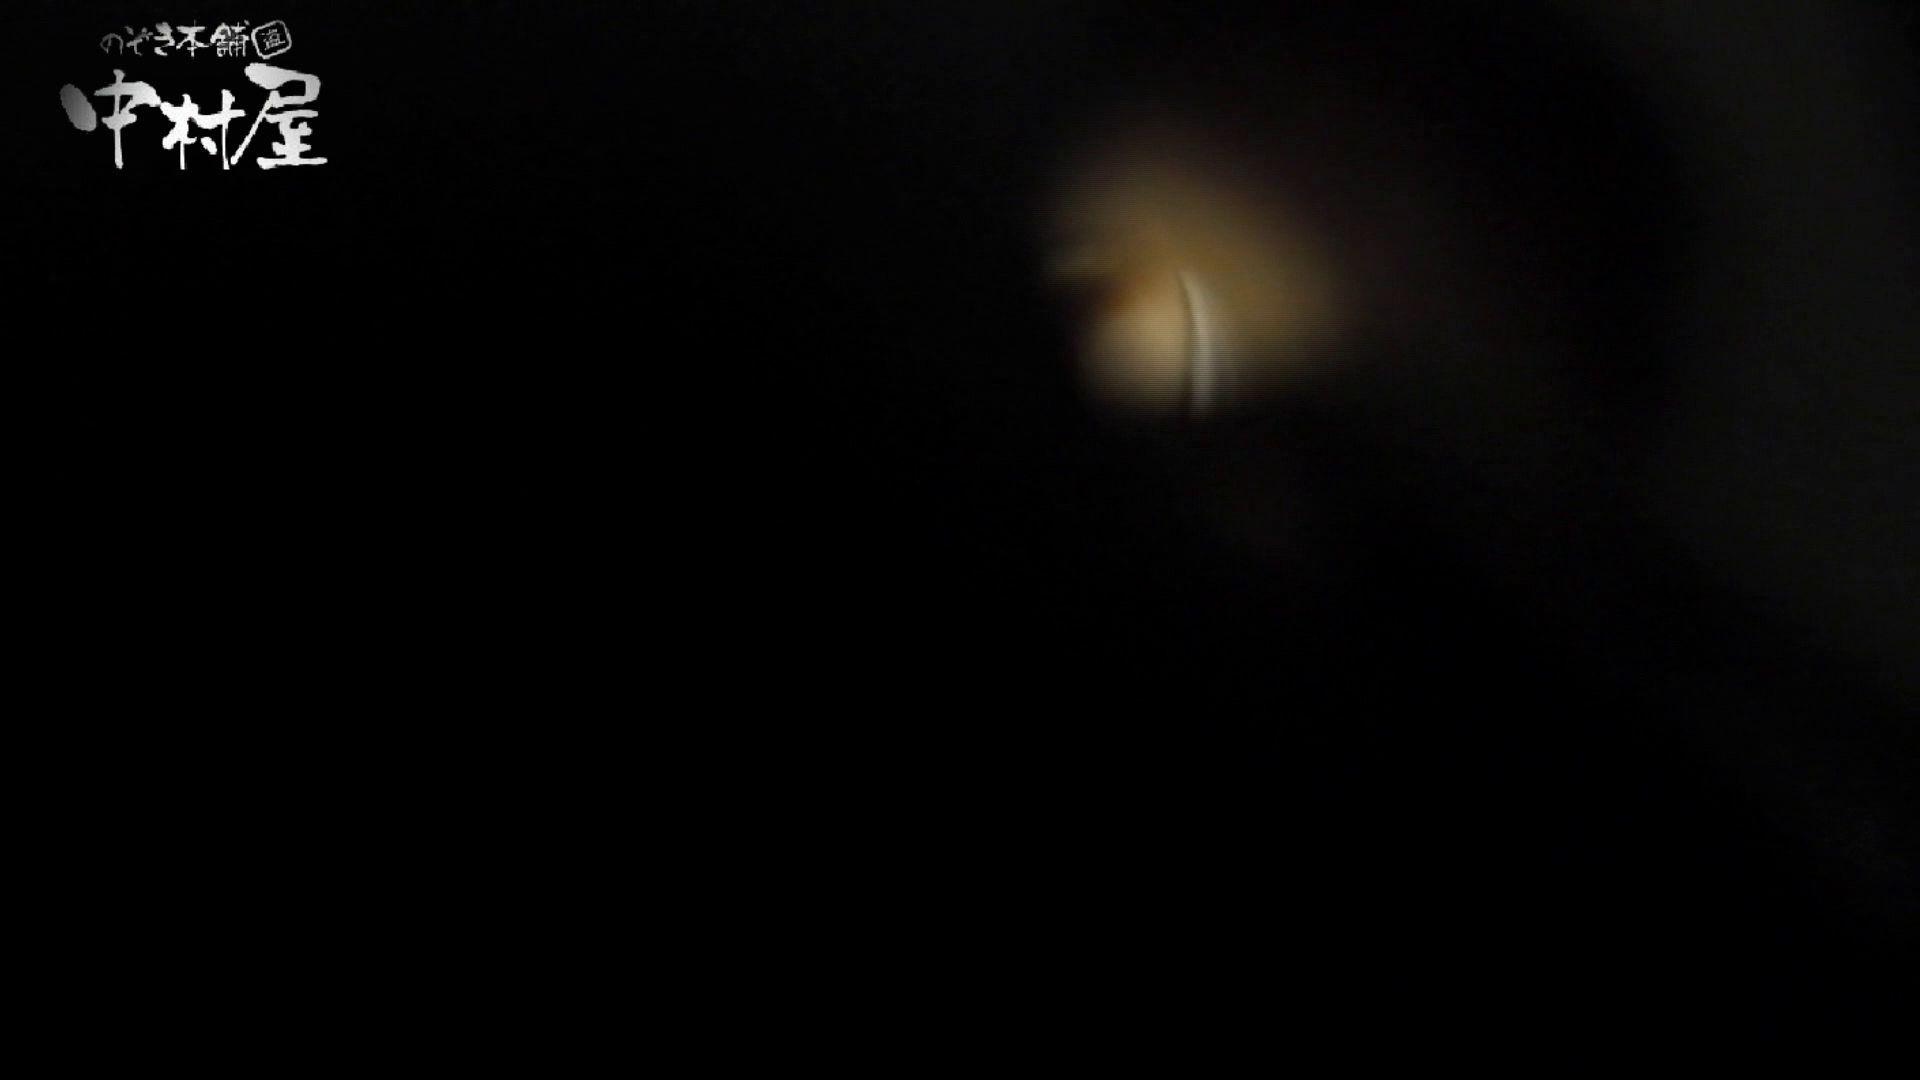 【世界の射窓から~ステーション編~】ステーション編 vol52 我慢して個室に入ったら。||:-)!! 盗撮特集 | おまんこ  79画像 76